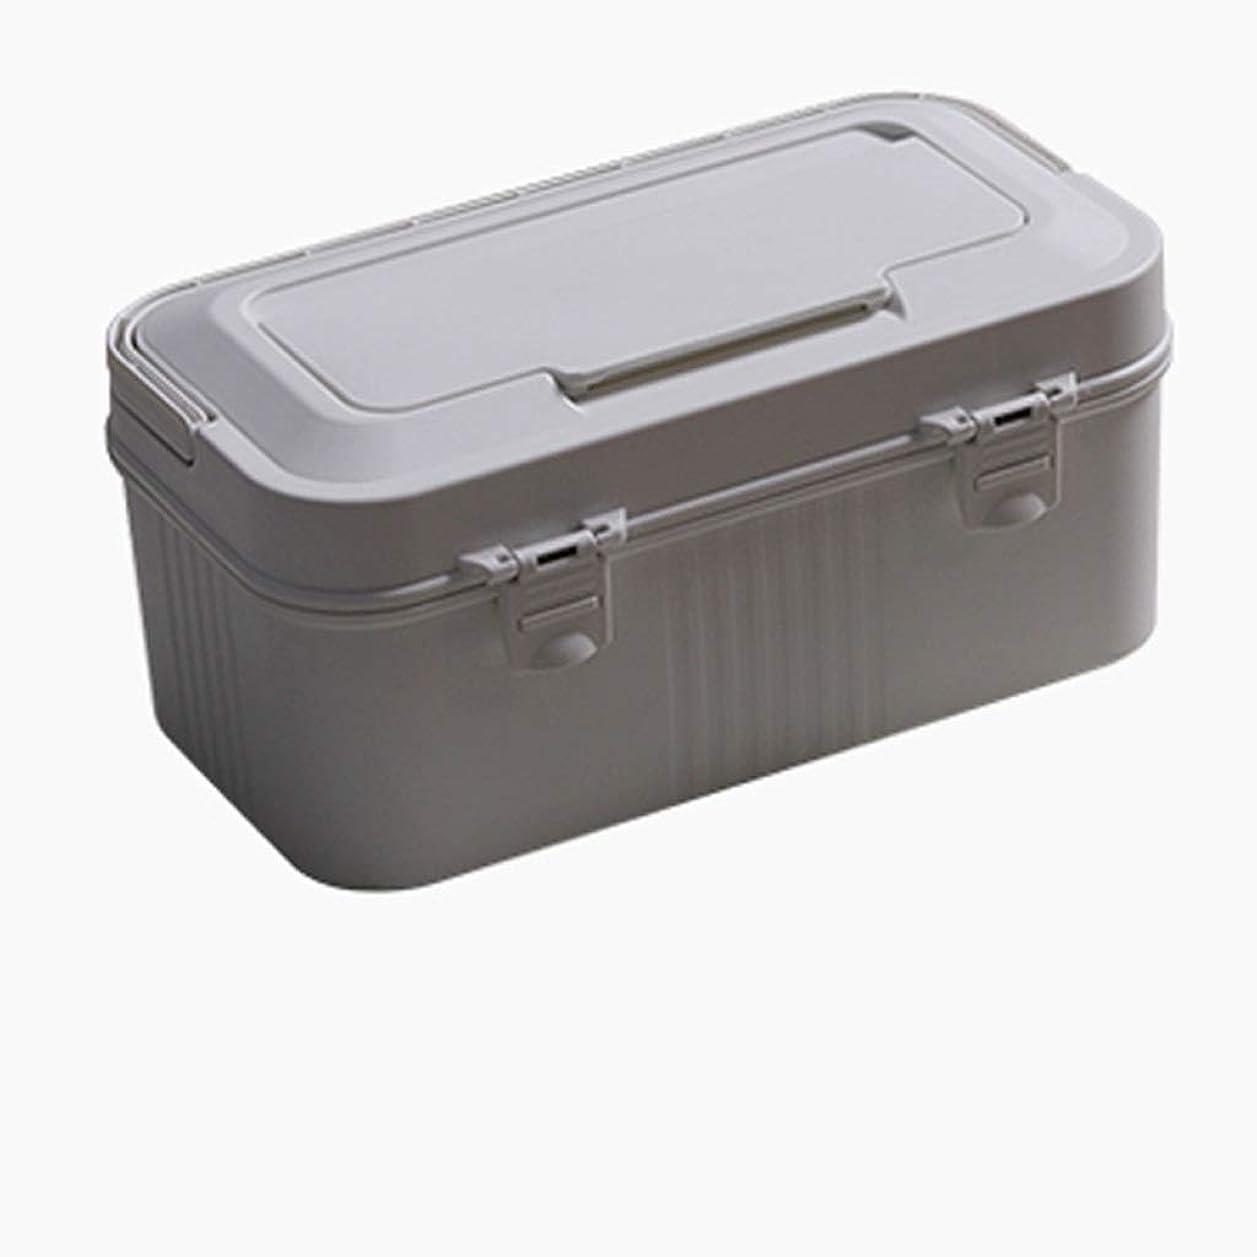 疑い者持っている触手YQCS●LS 厚い収納ボックス旅行ポータブルセットダブルドラッグ収納ボックス独立収納大容量小さな薬ボックス屋外ポータブル